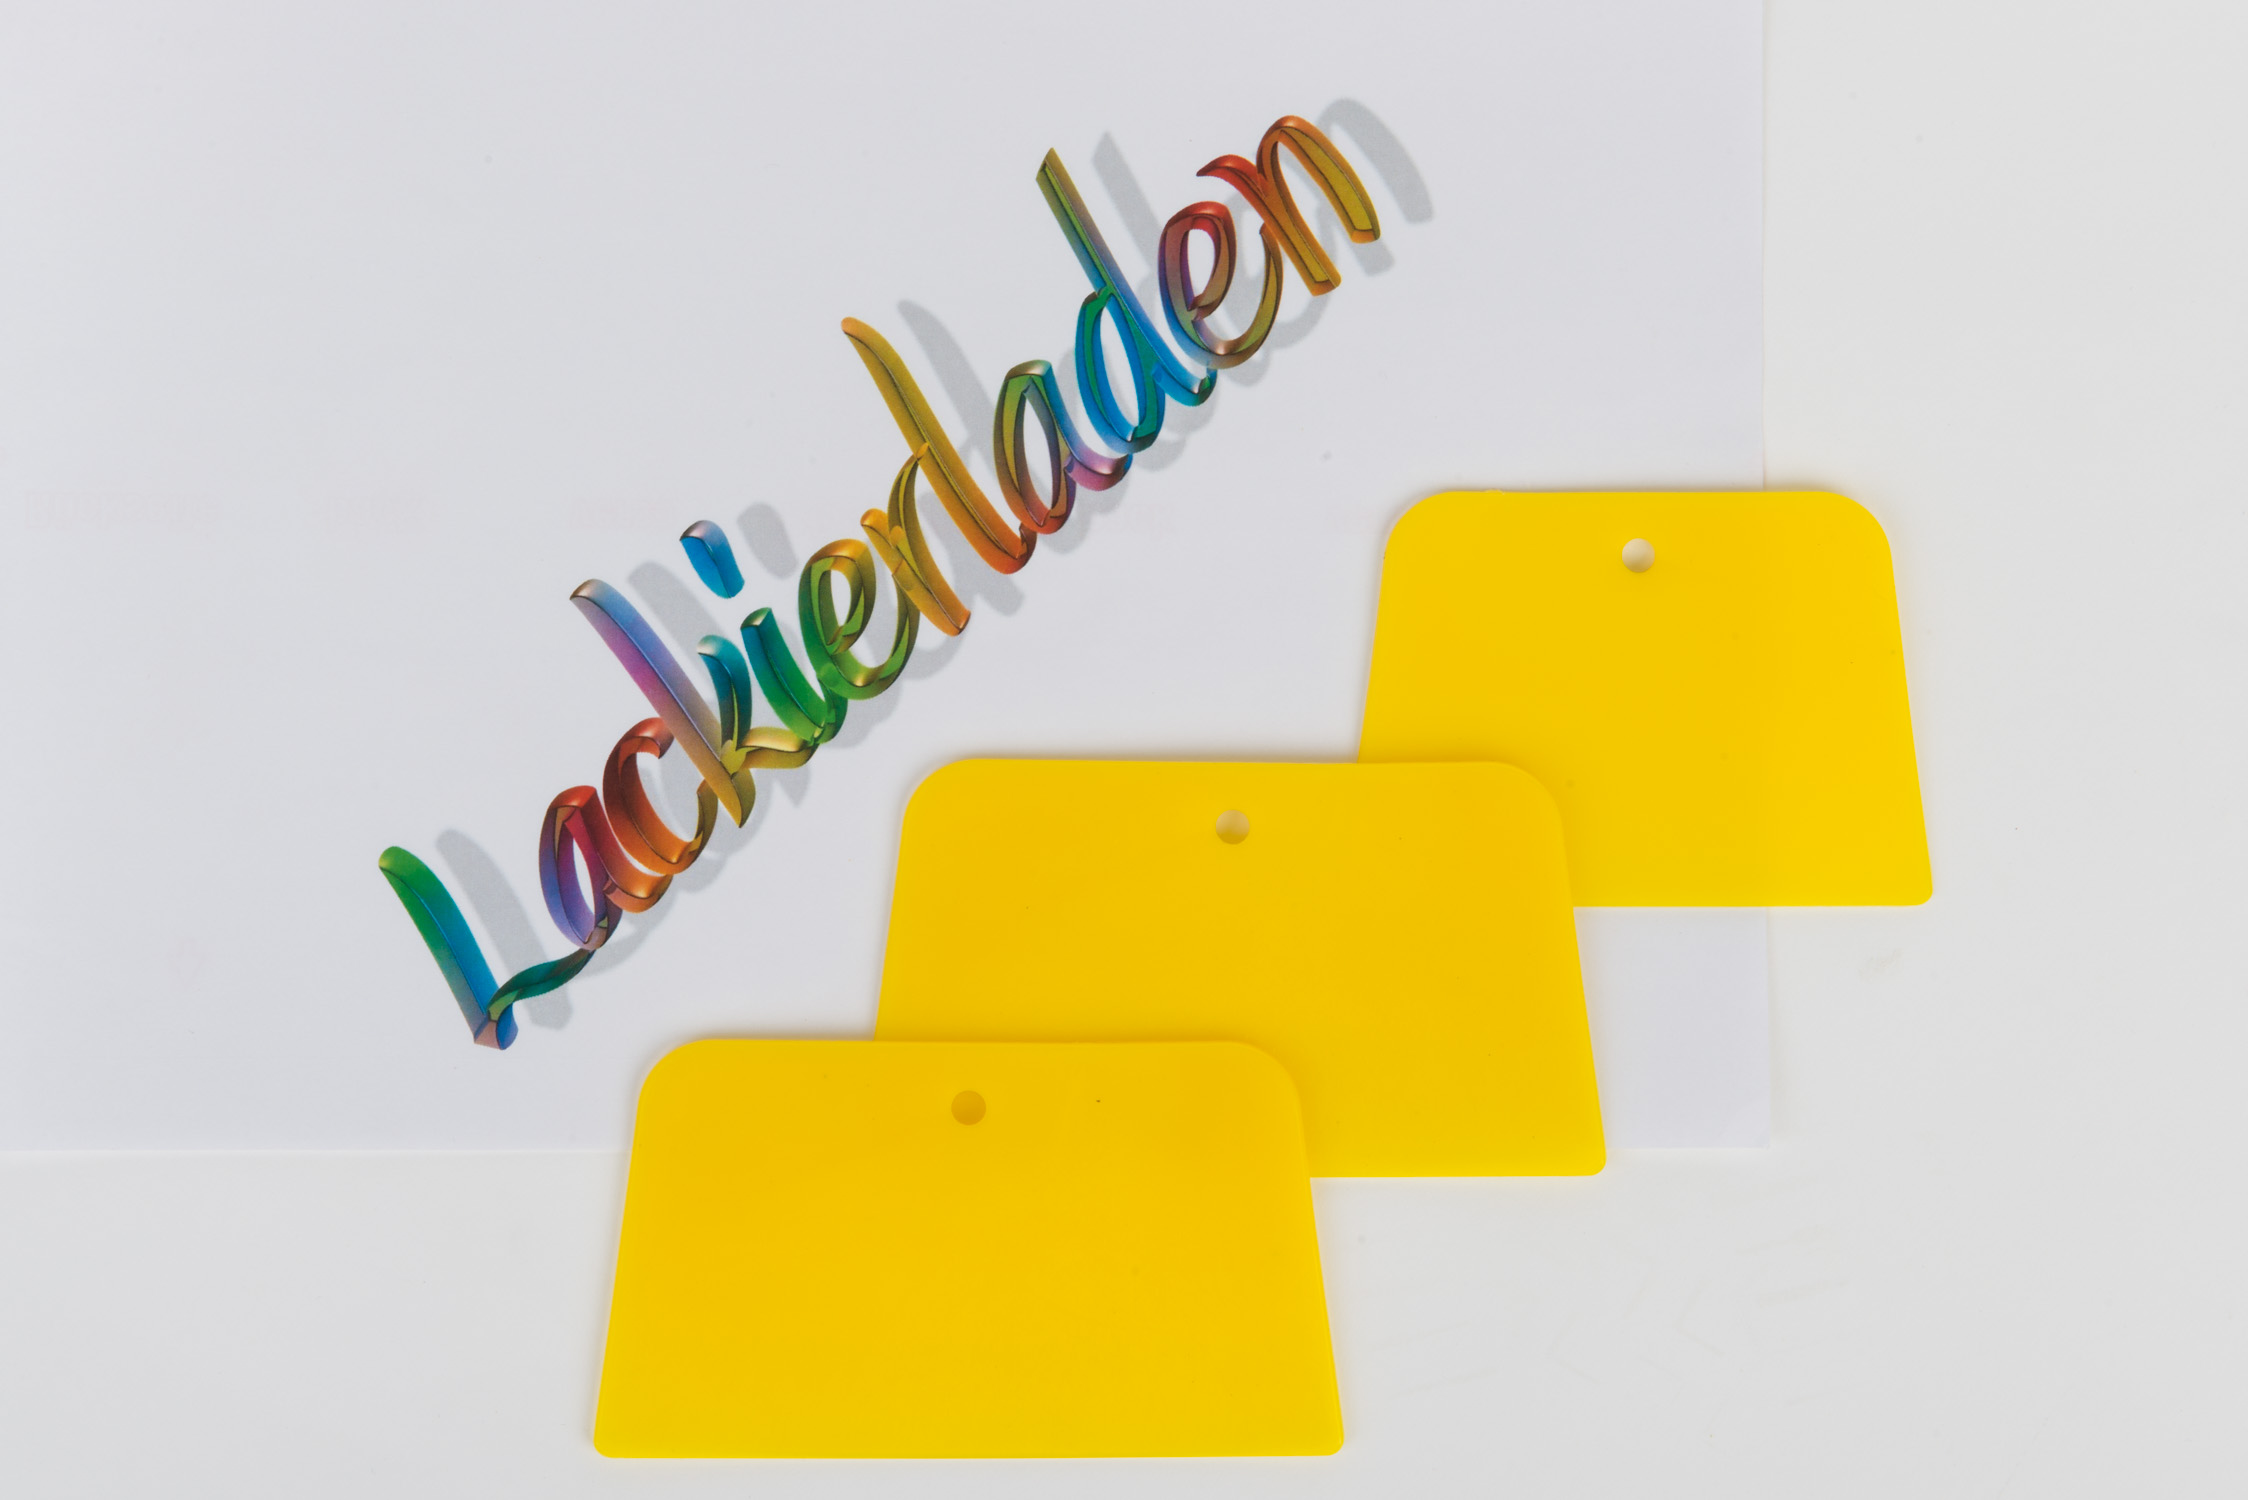 Japanspachtel Set Plaste groß 3 teilig